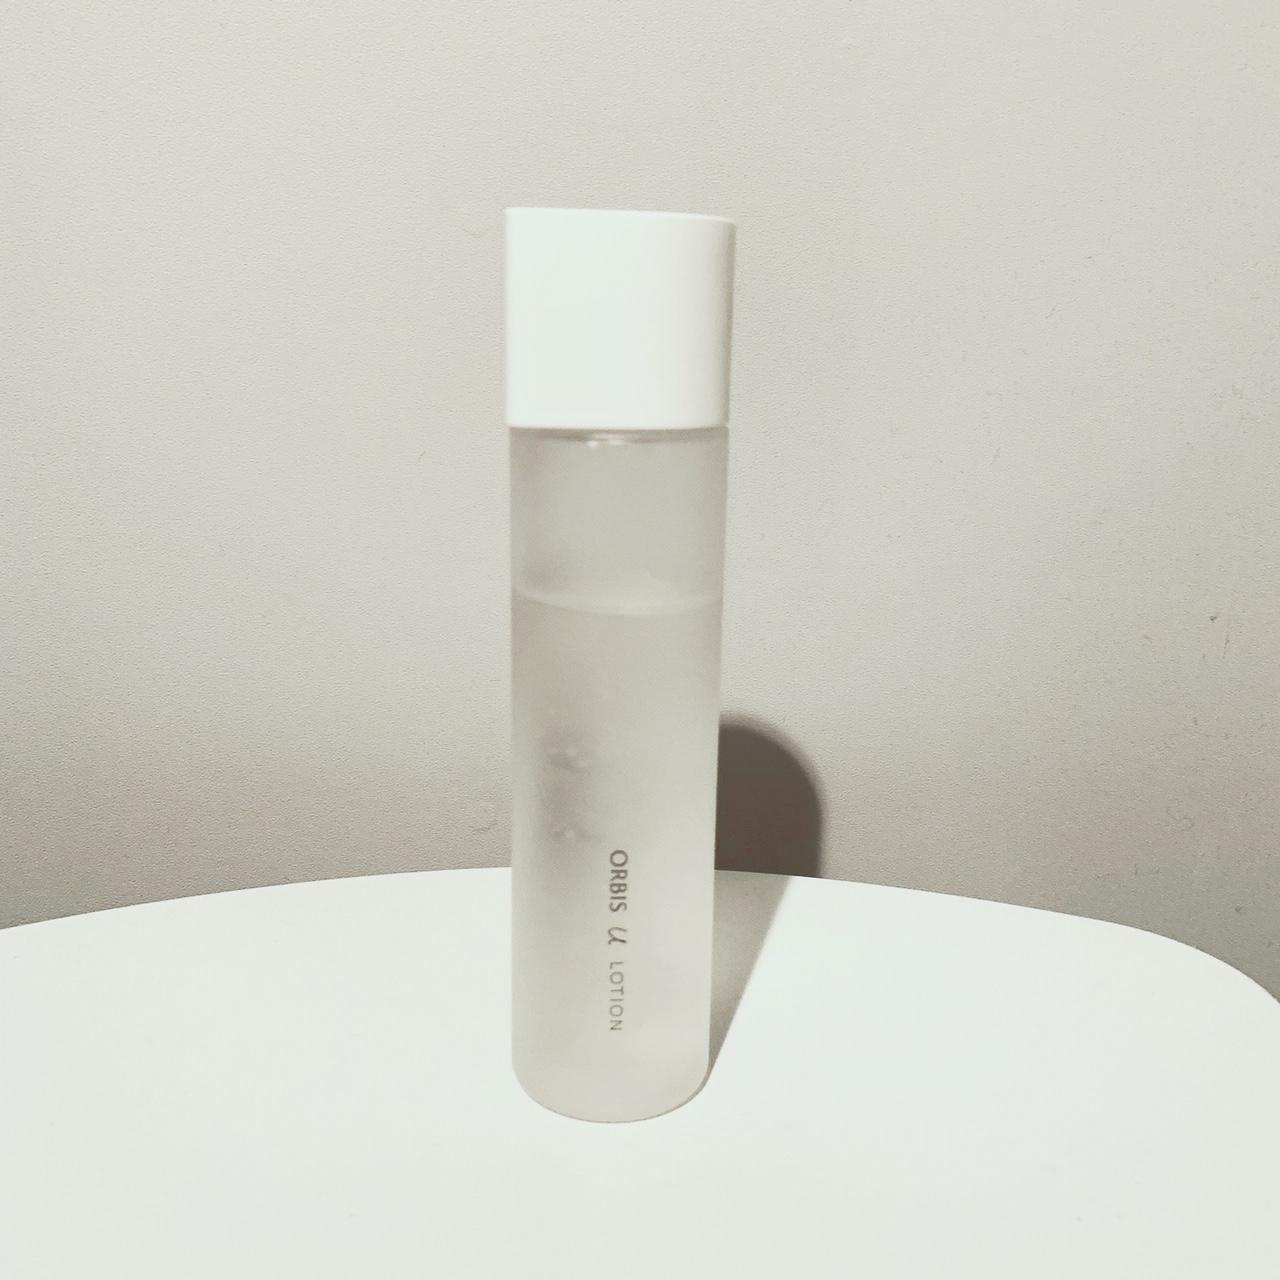 乾燥さよなら!アトピー肌の私が愛用する化粧水&美容液